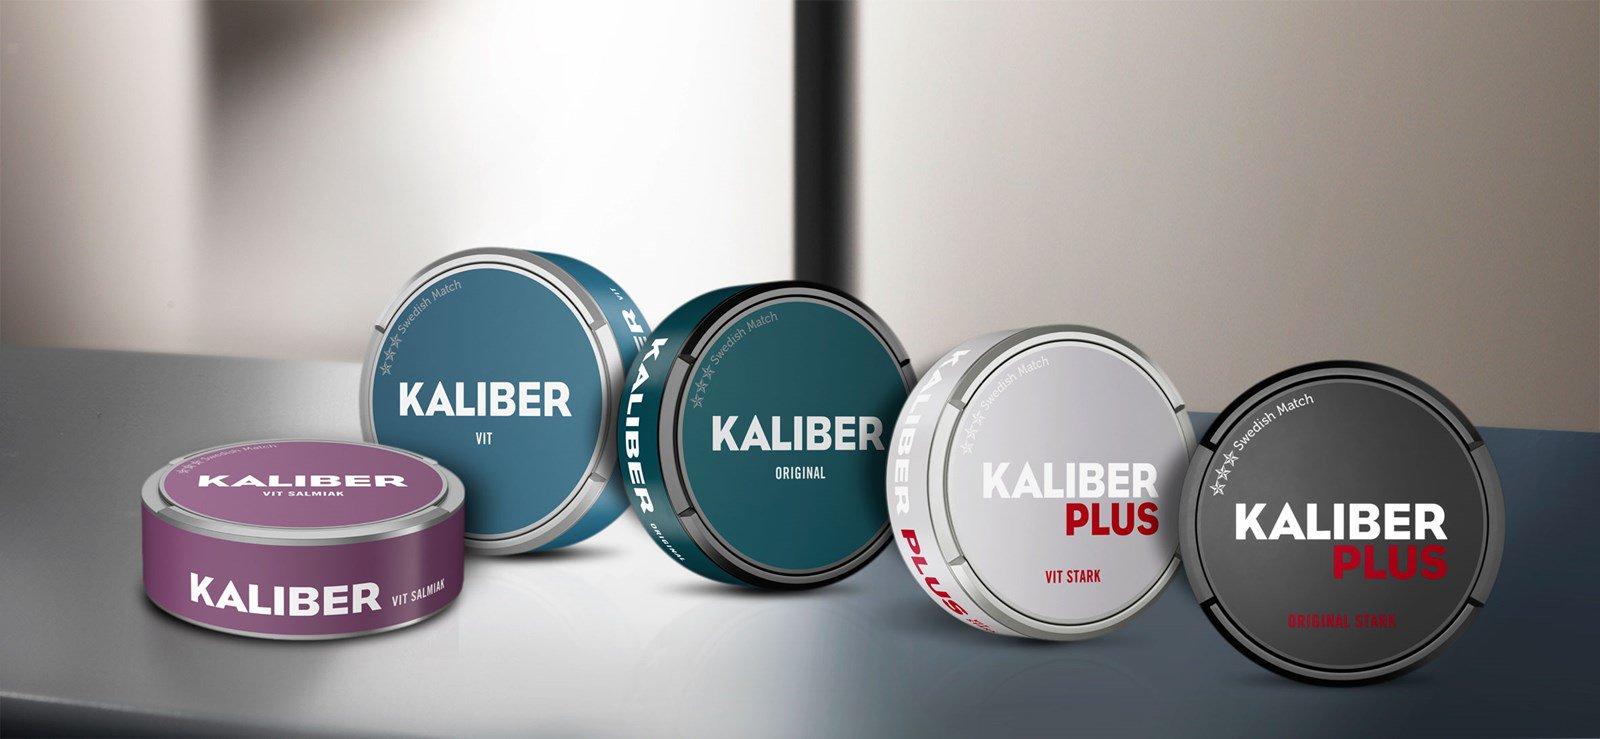 Kaliber Snus från Kaliber är ett populärt snus som sedan 2011 tillverkas av Swedish Match. Kaliber har en nära tobakssmak med inslag av såväl bergamott som andra örter och te. Smaken, kombinerad med priset, gör Kaliber till det snus som alla känner till idag. Kaliber finns som Original portion, Vit portion, Vit special, Original Portion med extra tobakssmak och Vit Salmiak. 2016 kom även Kaliber+, både som vit och original portion. Två sorter med lite mer fyllda prillor än vanliga Kaliber Vit och Portion. snushandel nyköping påljungshage köpcentrum snusbutiken tobaks tobak